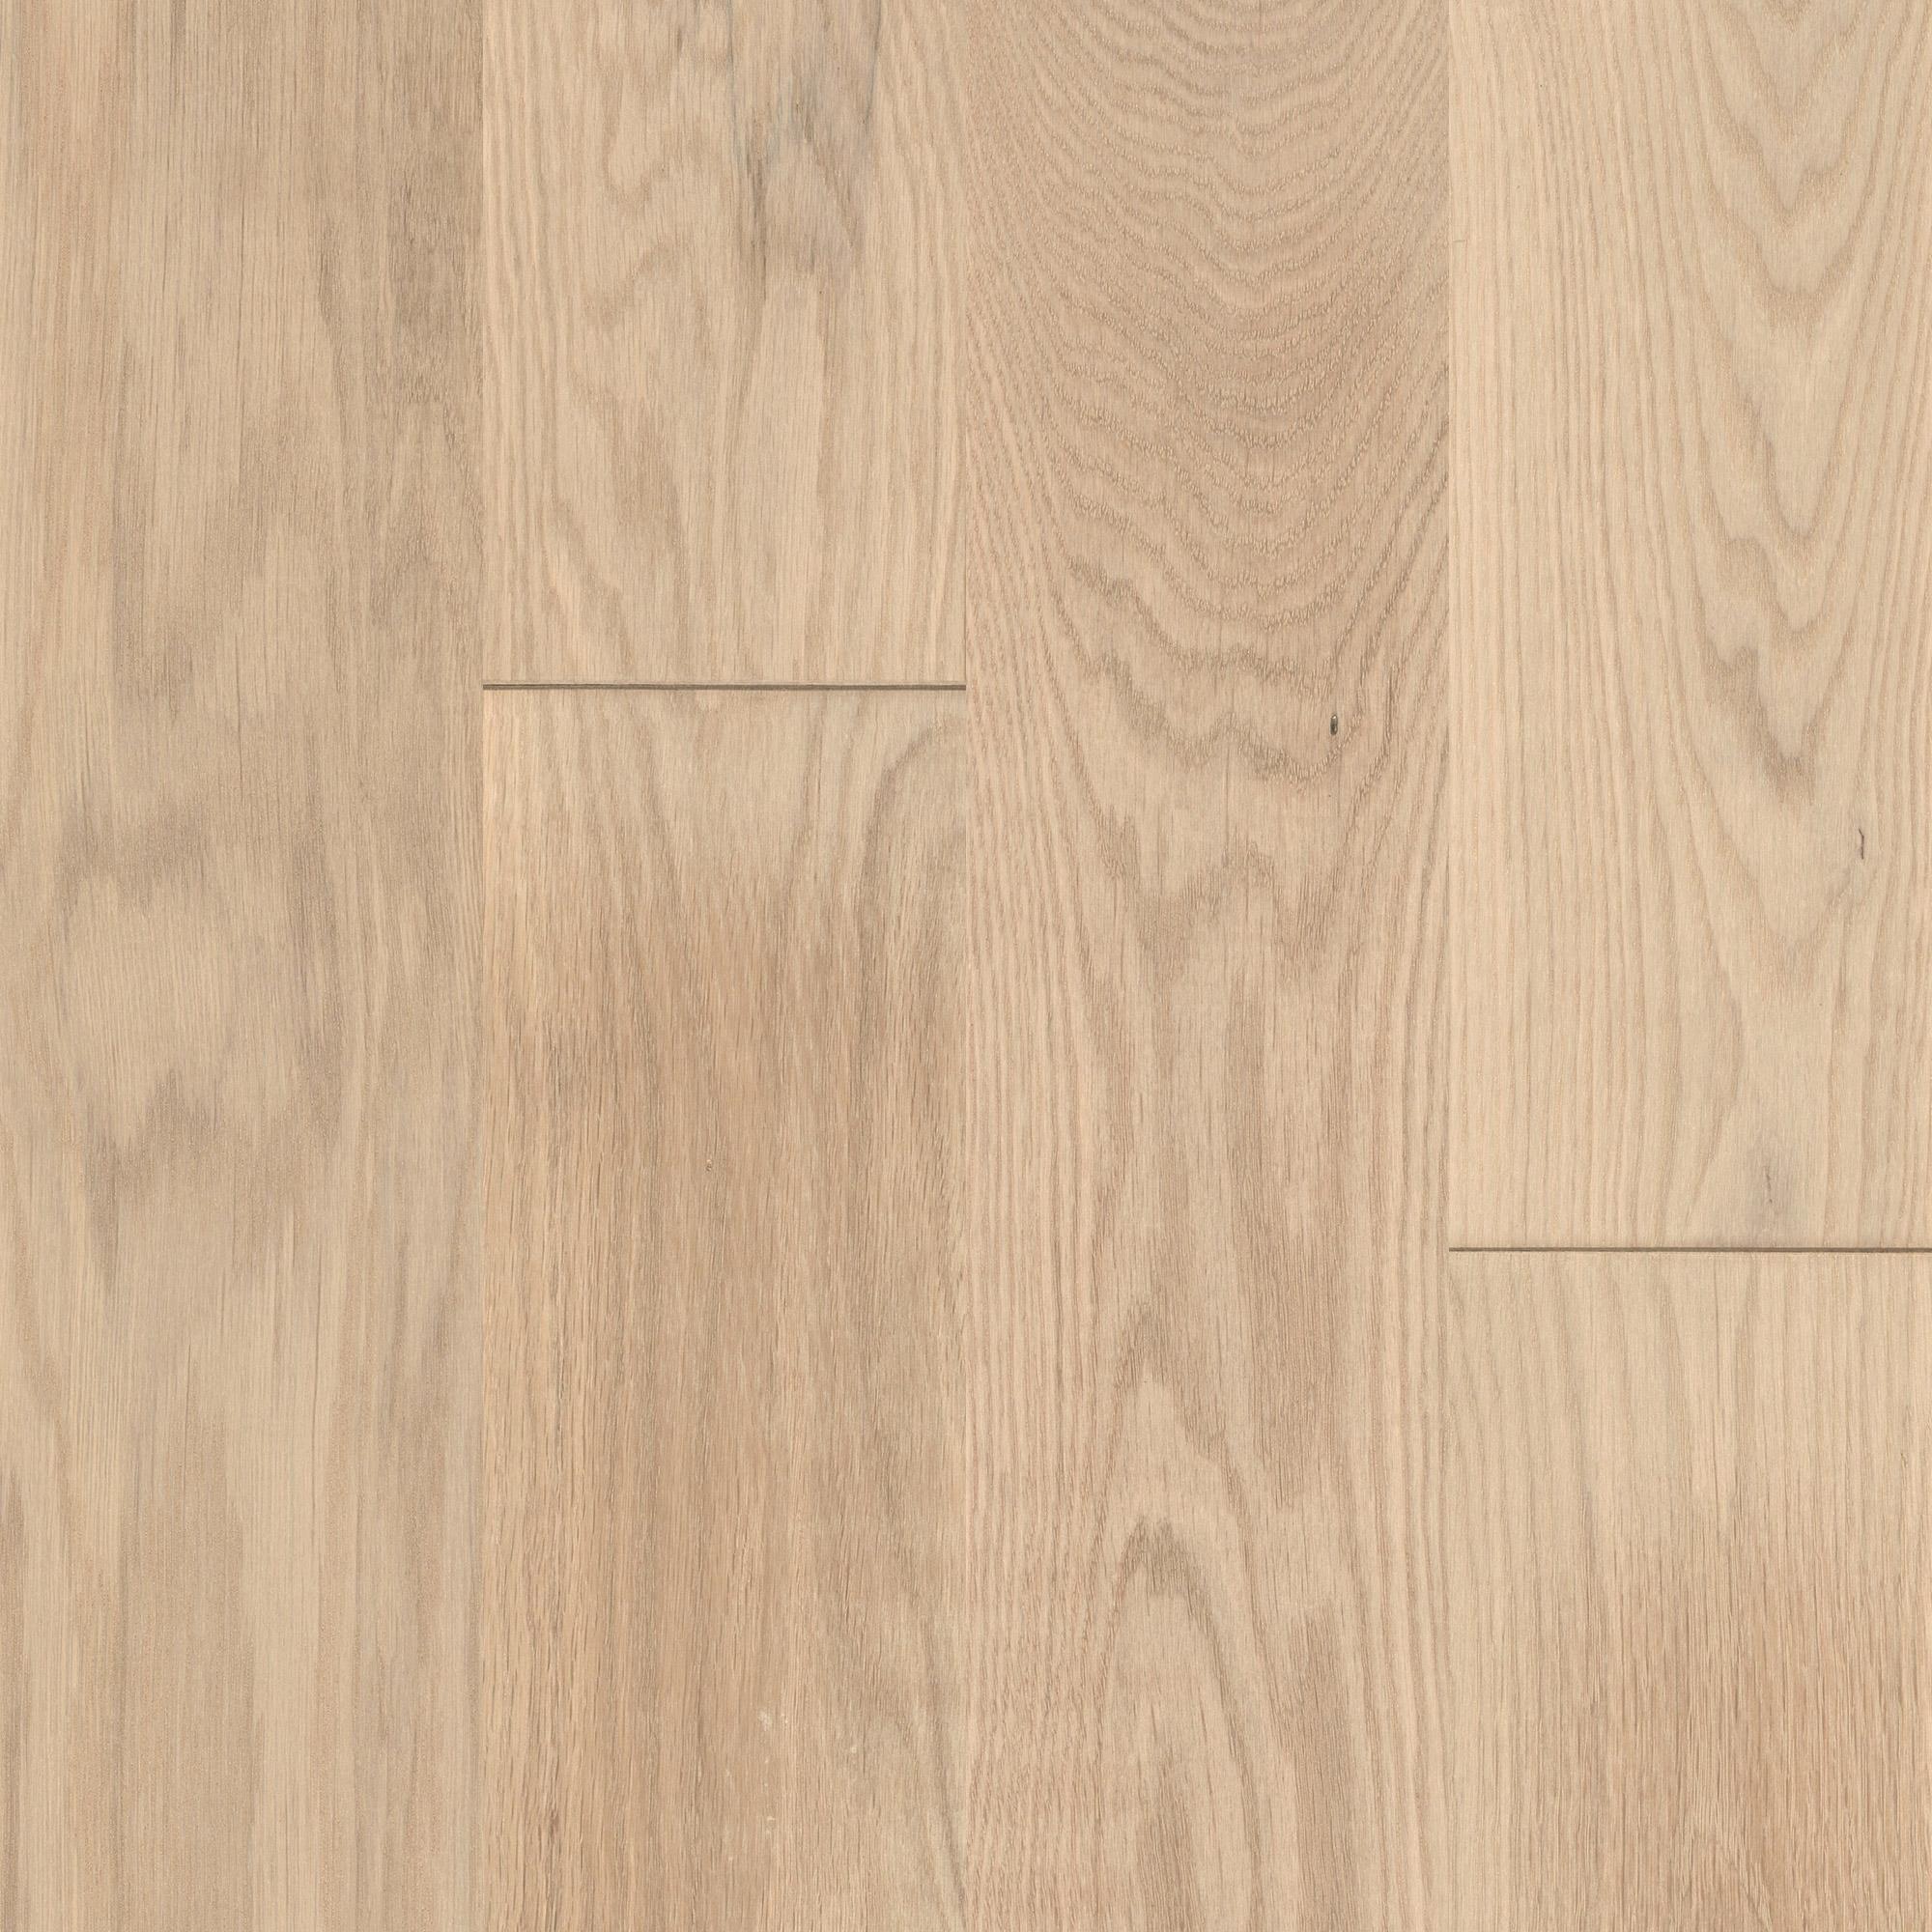 unfinished hardwood flooring cost of mullican castillian oak glacier 5 wide solid hardwood flooring intended for oak glacier castillian 5 x 55 approved